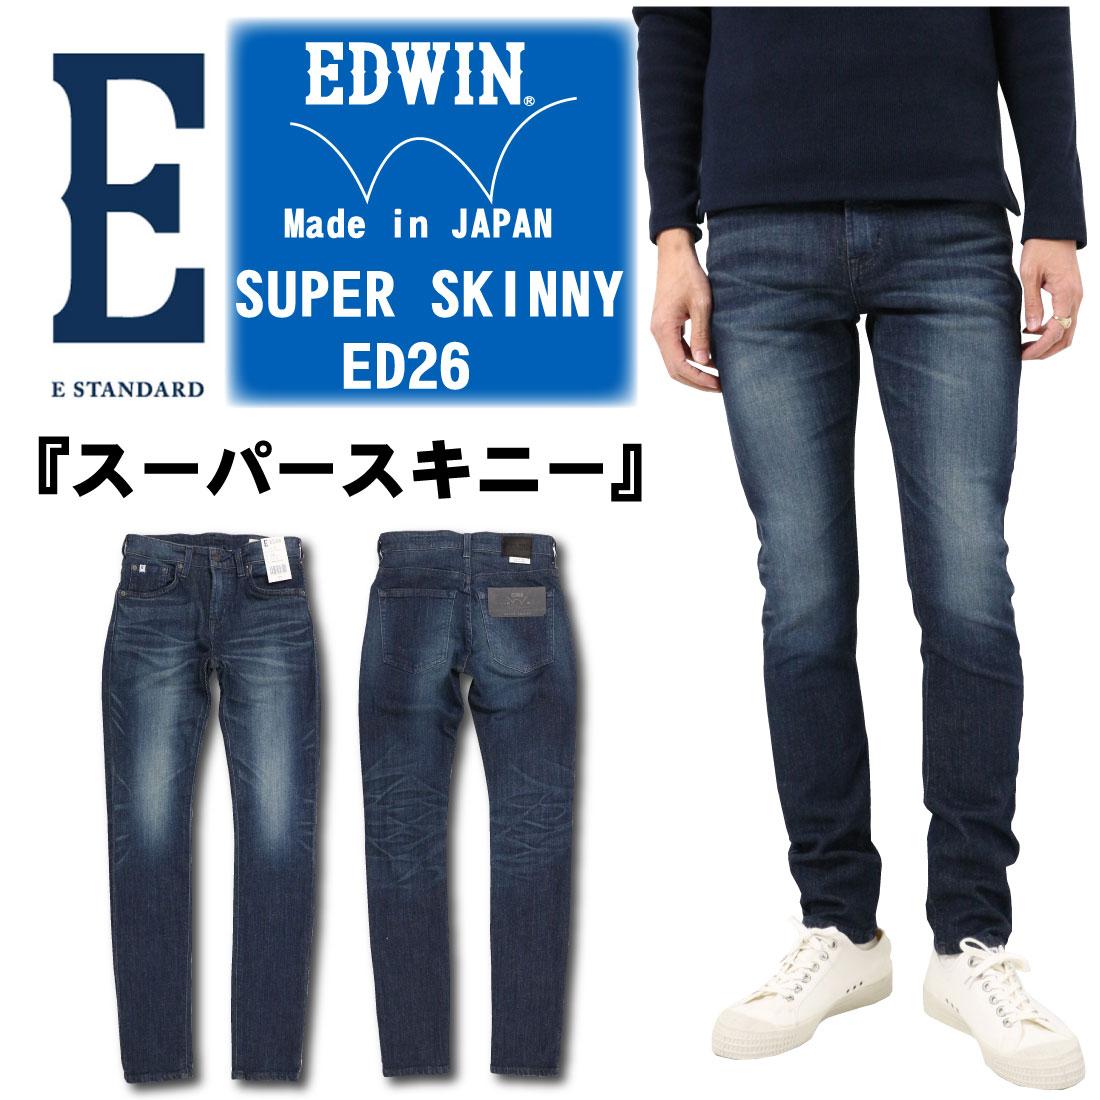 EDWIN エドウィン ED26 スキニー スーパー タイト ストレッチ ジーンズ デニム 396 ユーズド ブルー メンズ ボトムス エドウイン